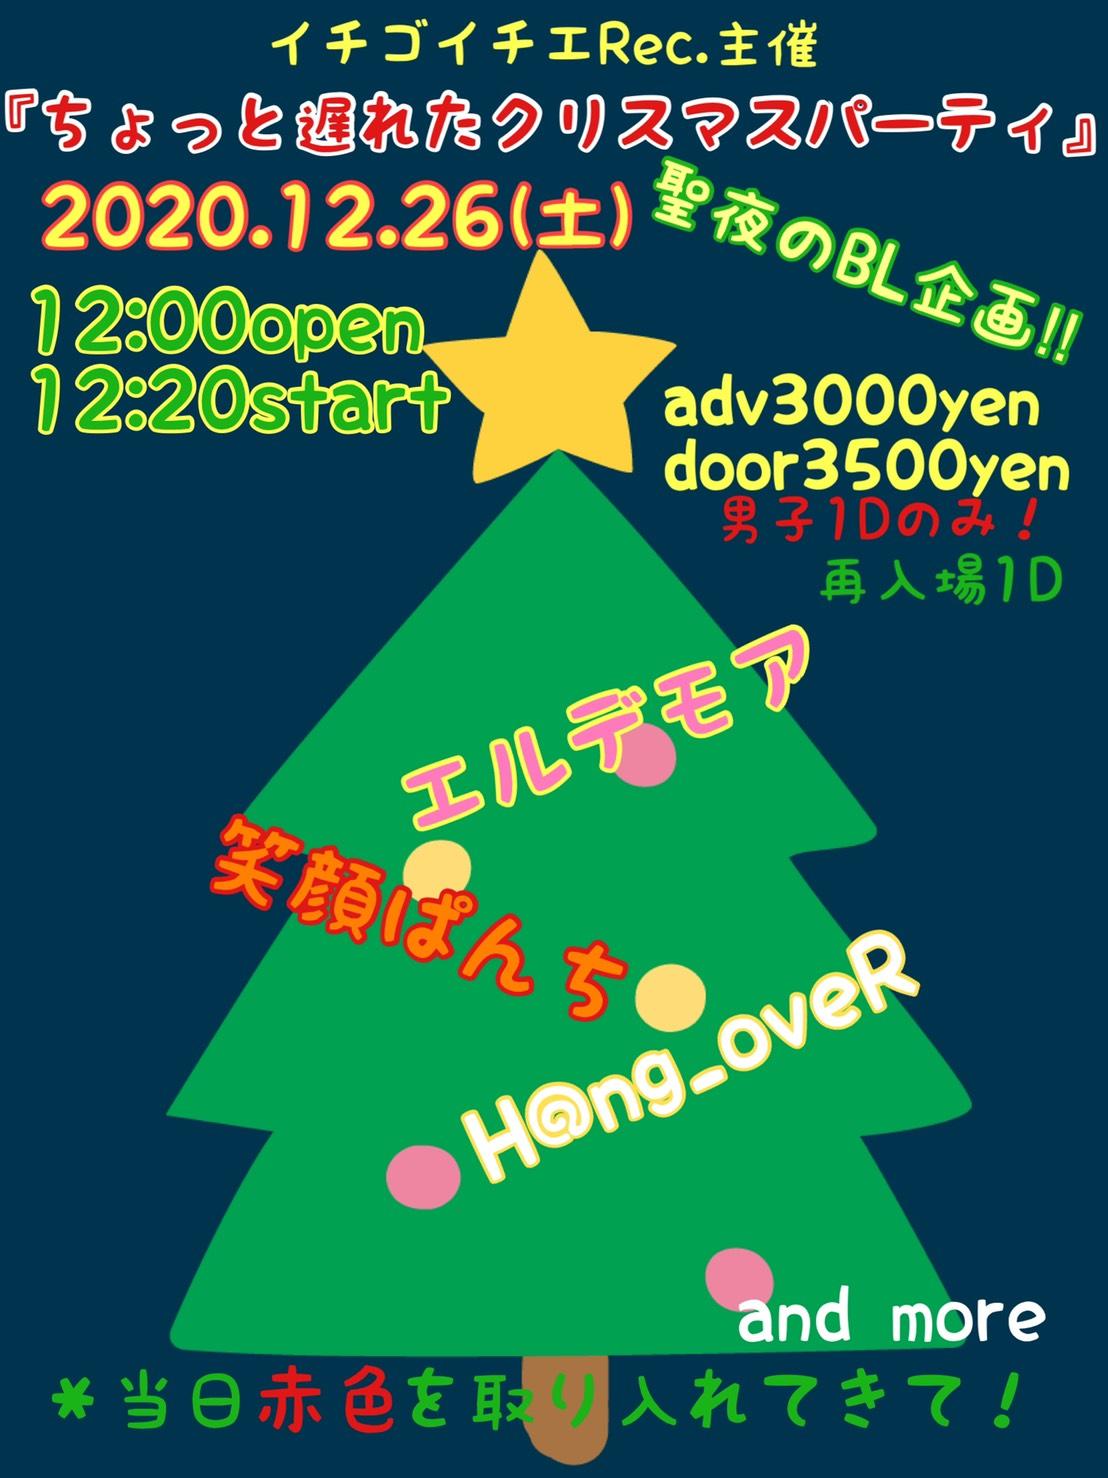 12/26イブと当日を外したから来やすいクリスマスイベント